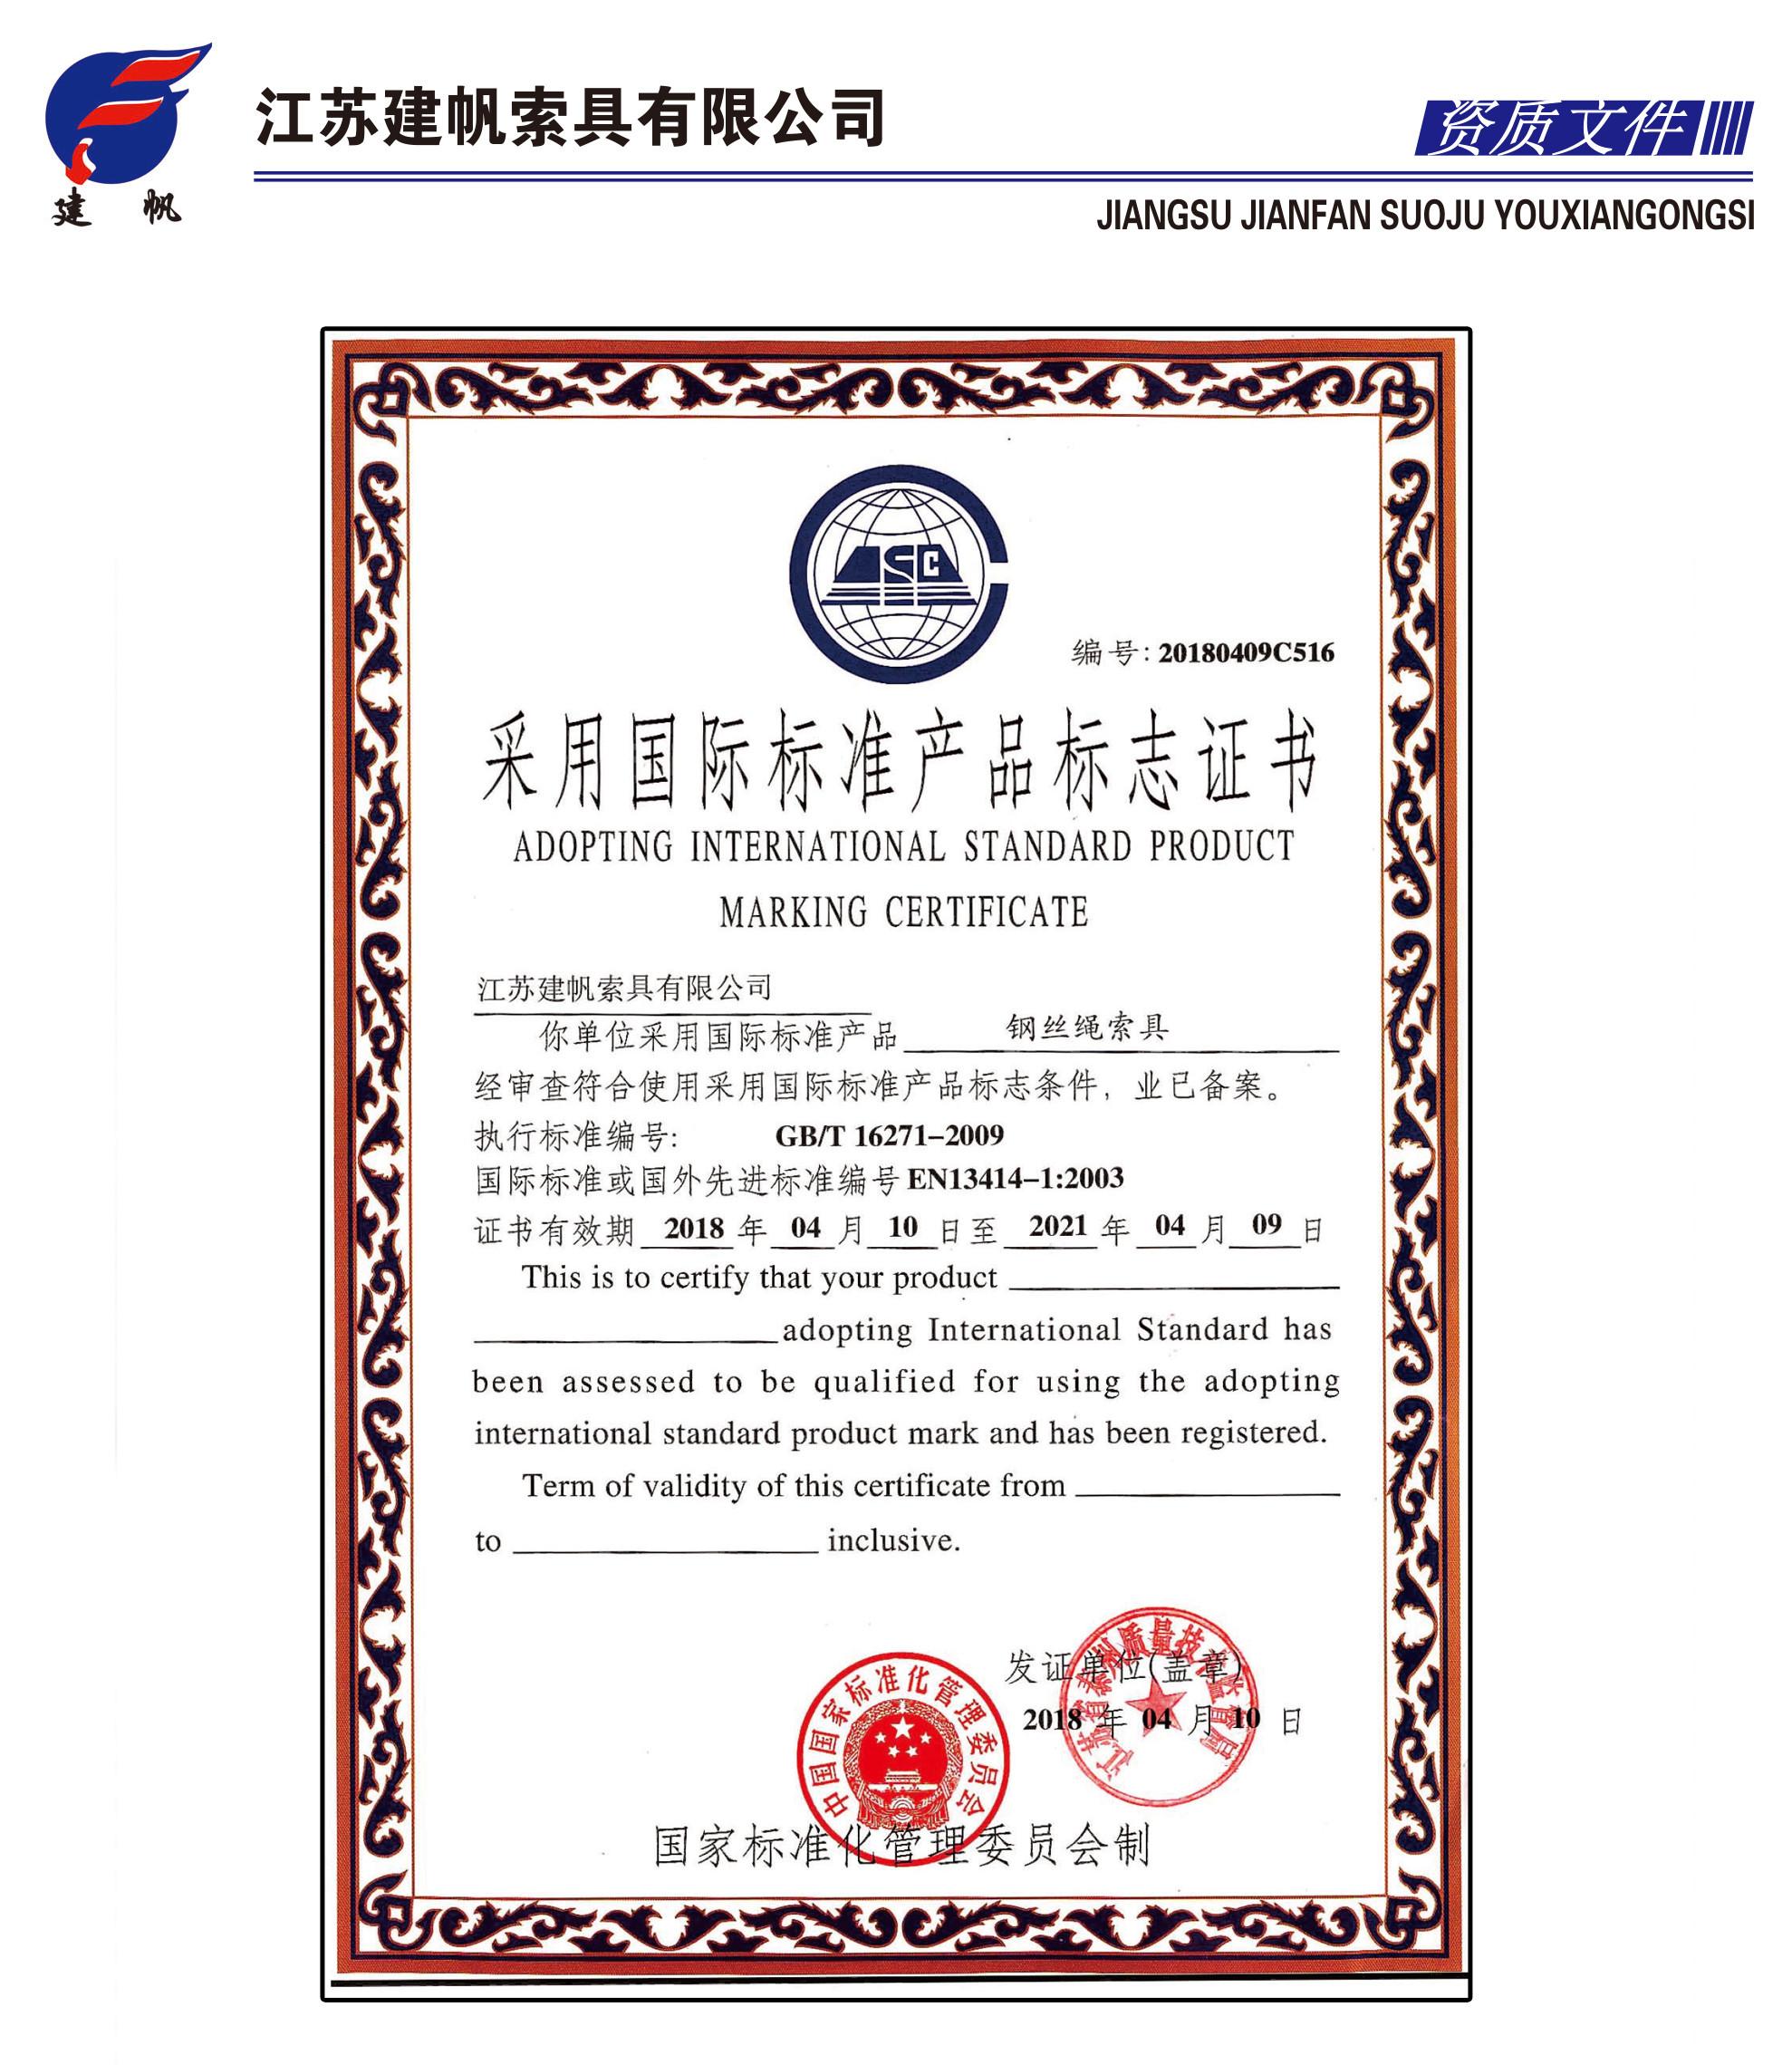 国际标准产品标志证书-钢丝绳索具